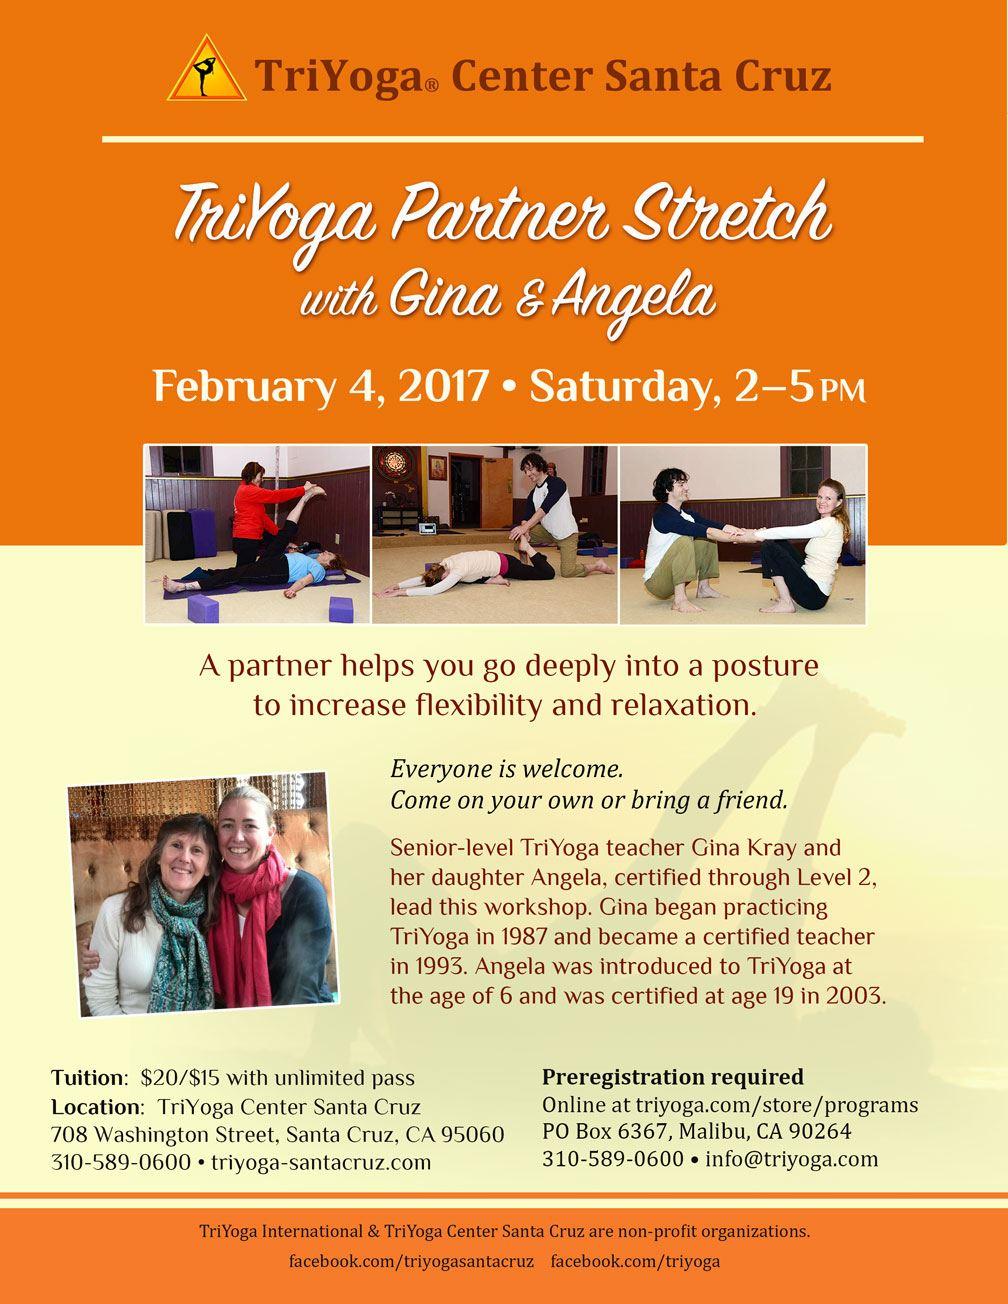 Flyer_partner_stretch_SC_GinaAngela_feb2017